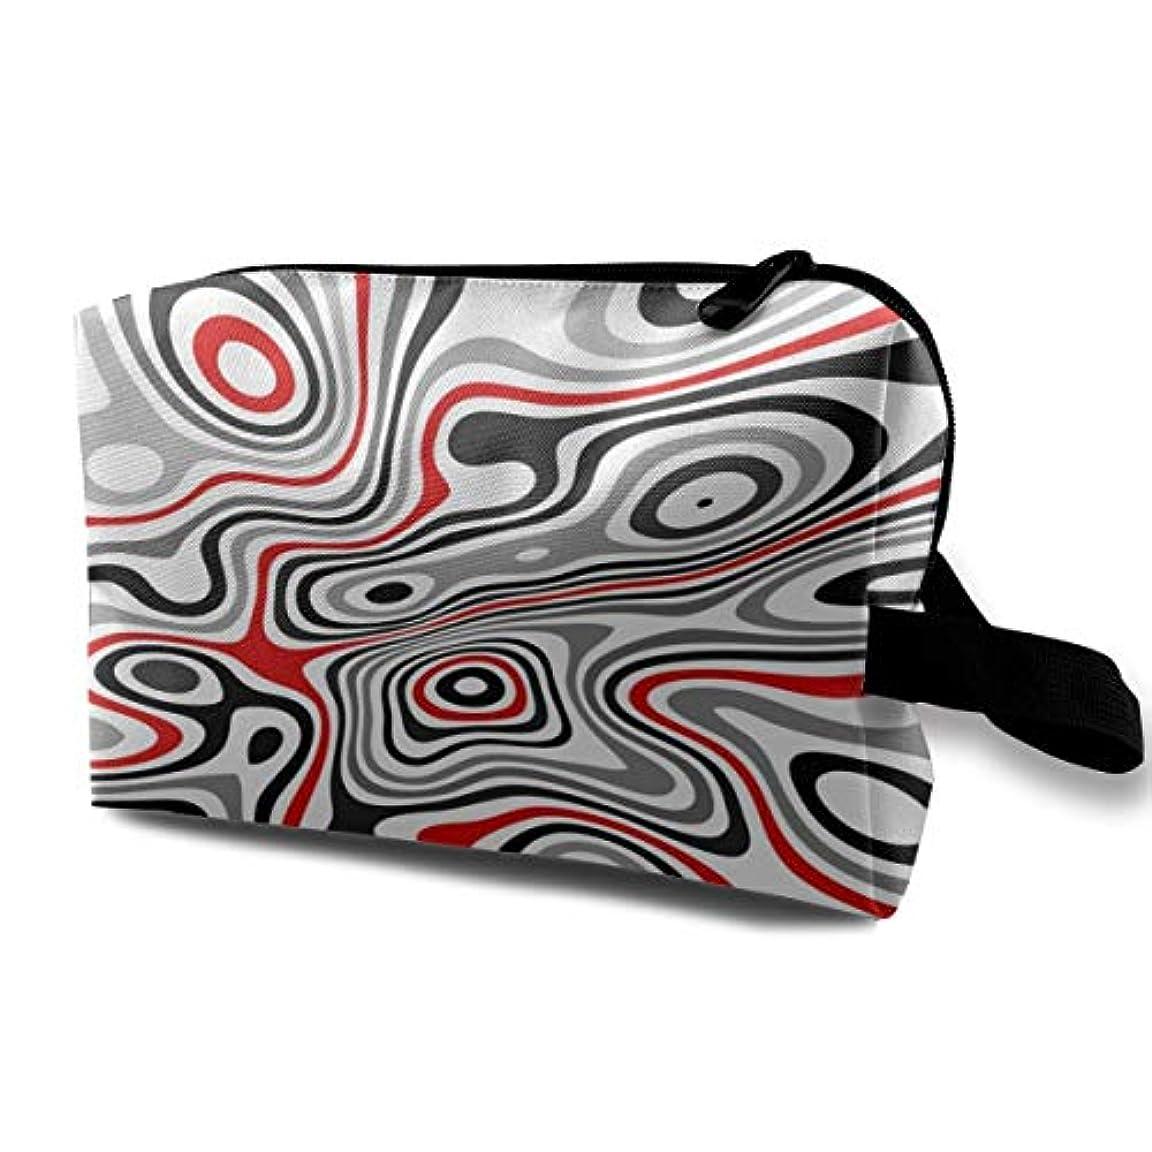 シーサイドテクニカルカリングStriped Zebra 収納ポーチ 化粧ポーチ 大容量 軽量 耐久性 ハンドル付持ち運び便利。入れ 自宅?出張?旅行?アウトドア撮影などに対応。メンズ レディース トラベルグッズ